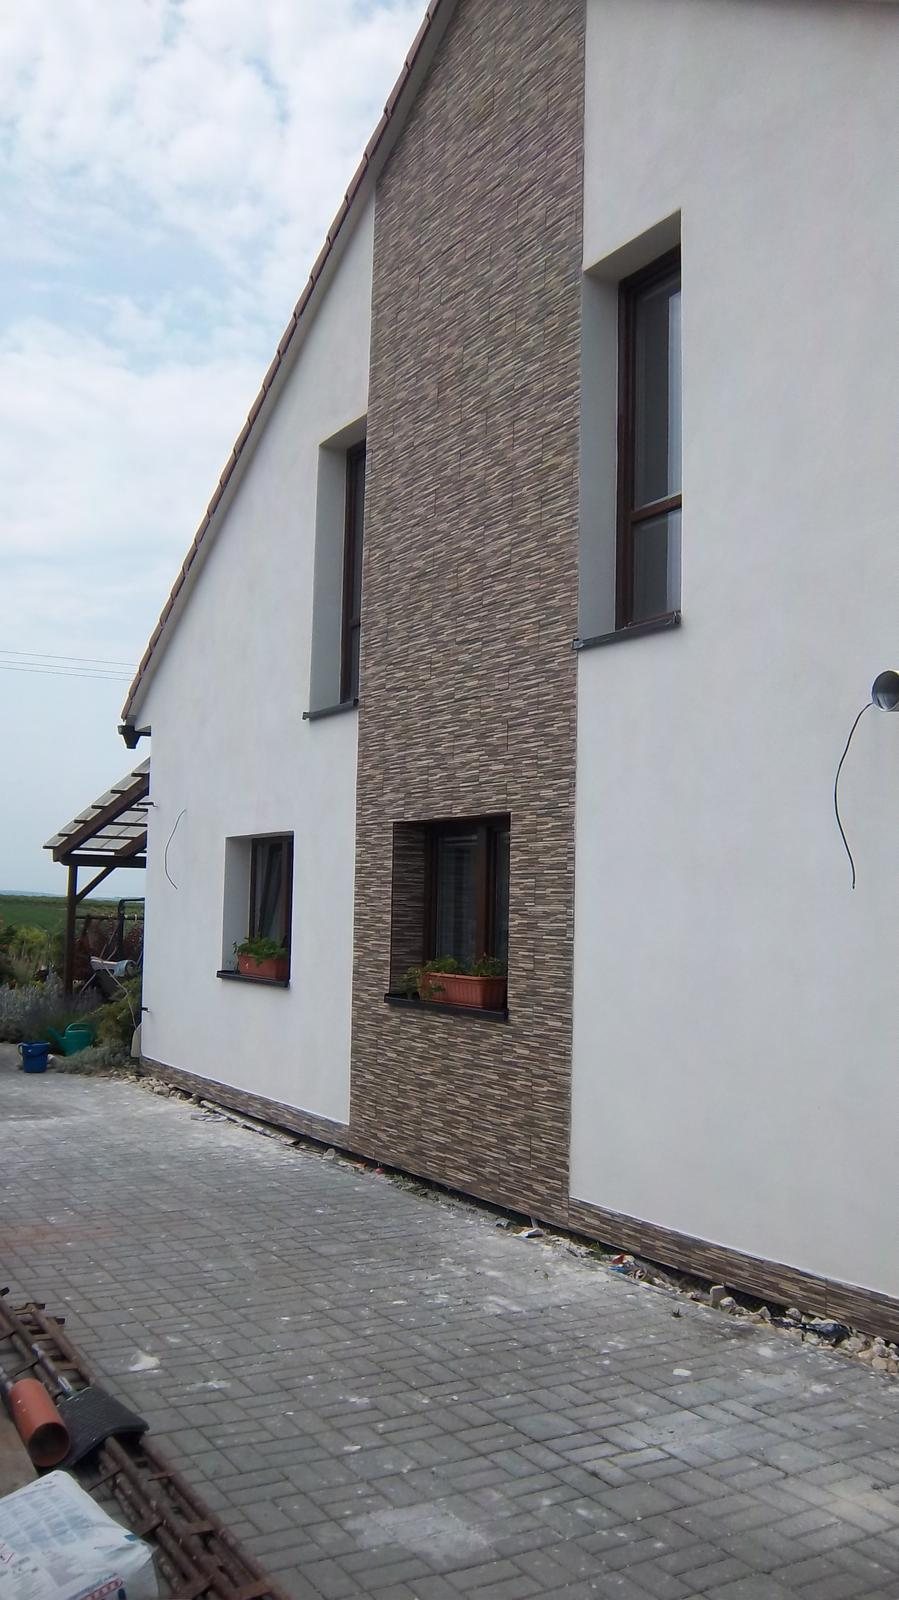 Kámen na fasádu a do obýváku - inspirace - Obrázek č. 98